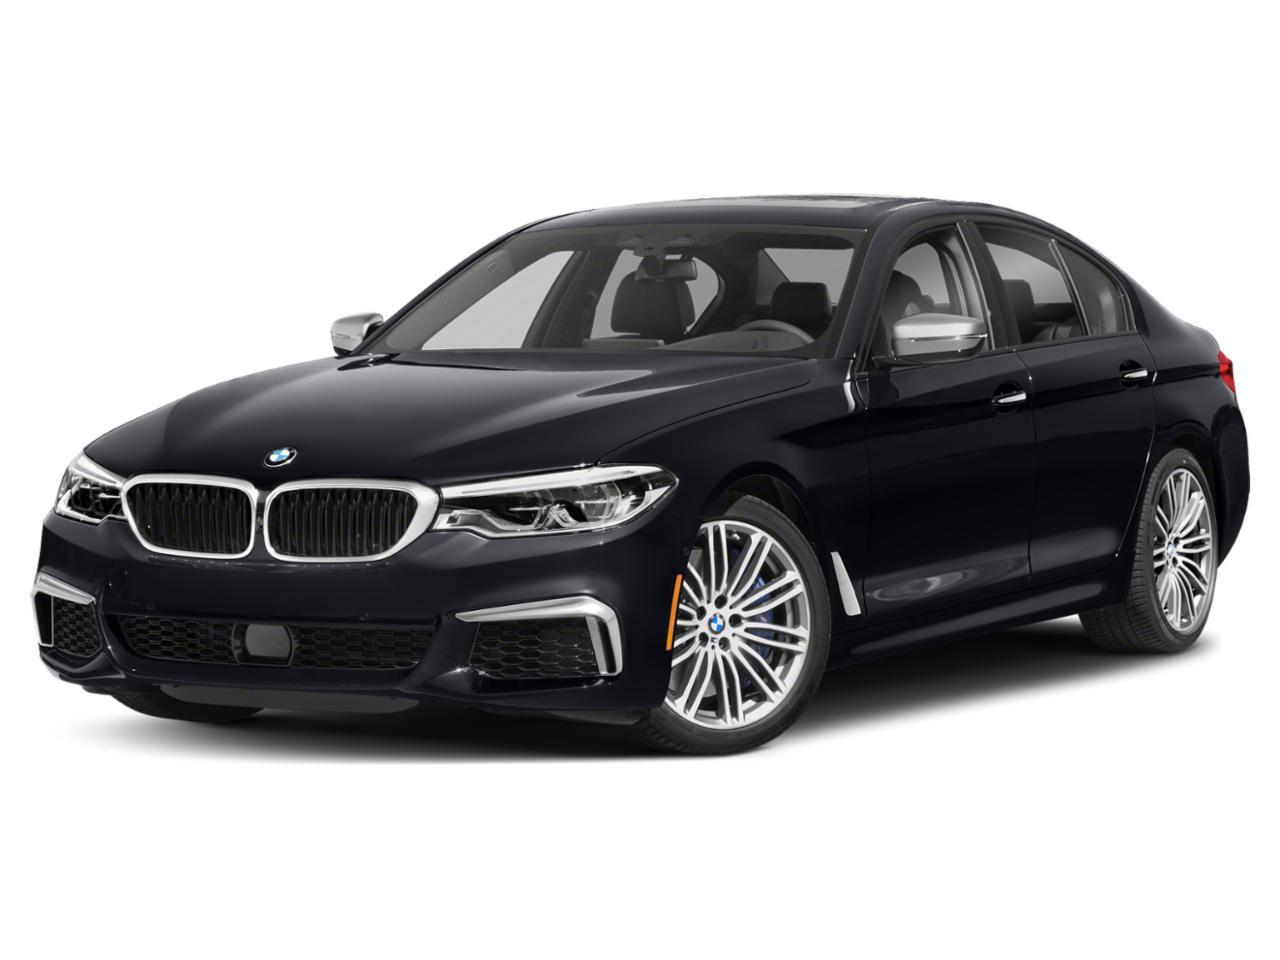 2018 BMW M550i xDrive Vehicle Photo in Pleasanton, CA 94588